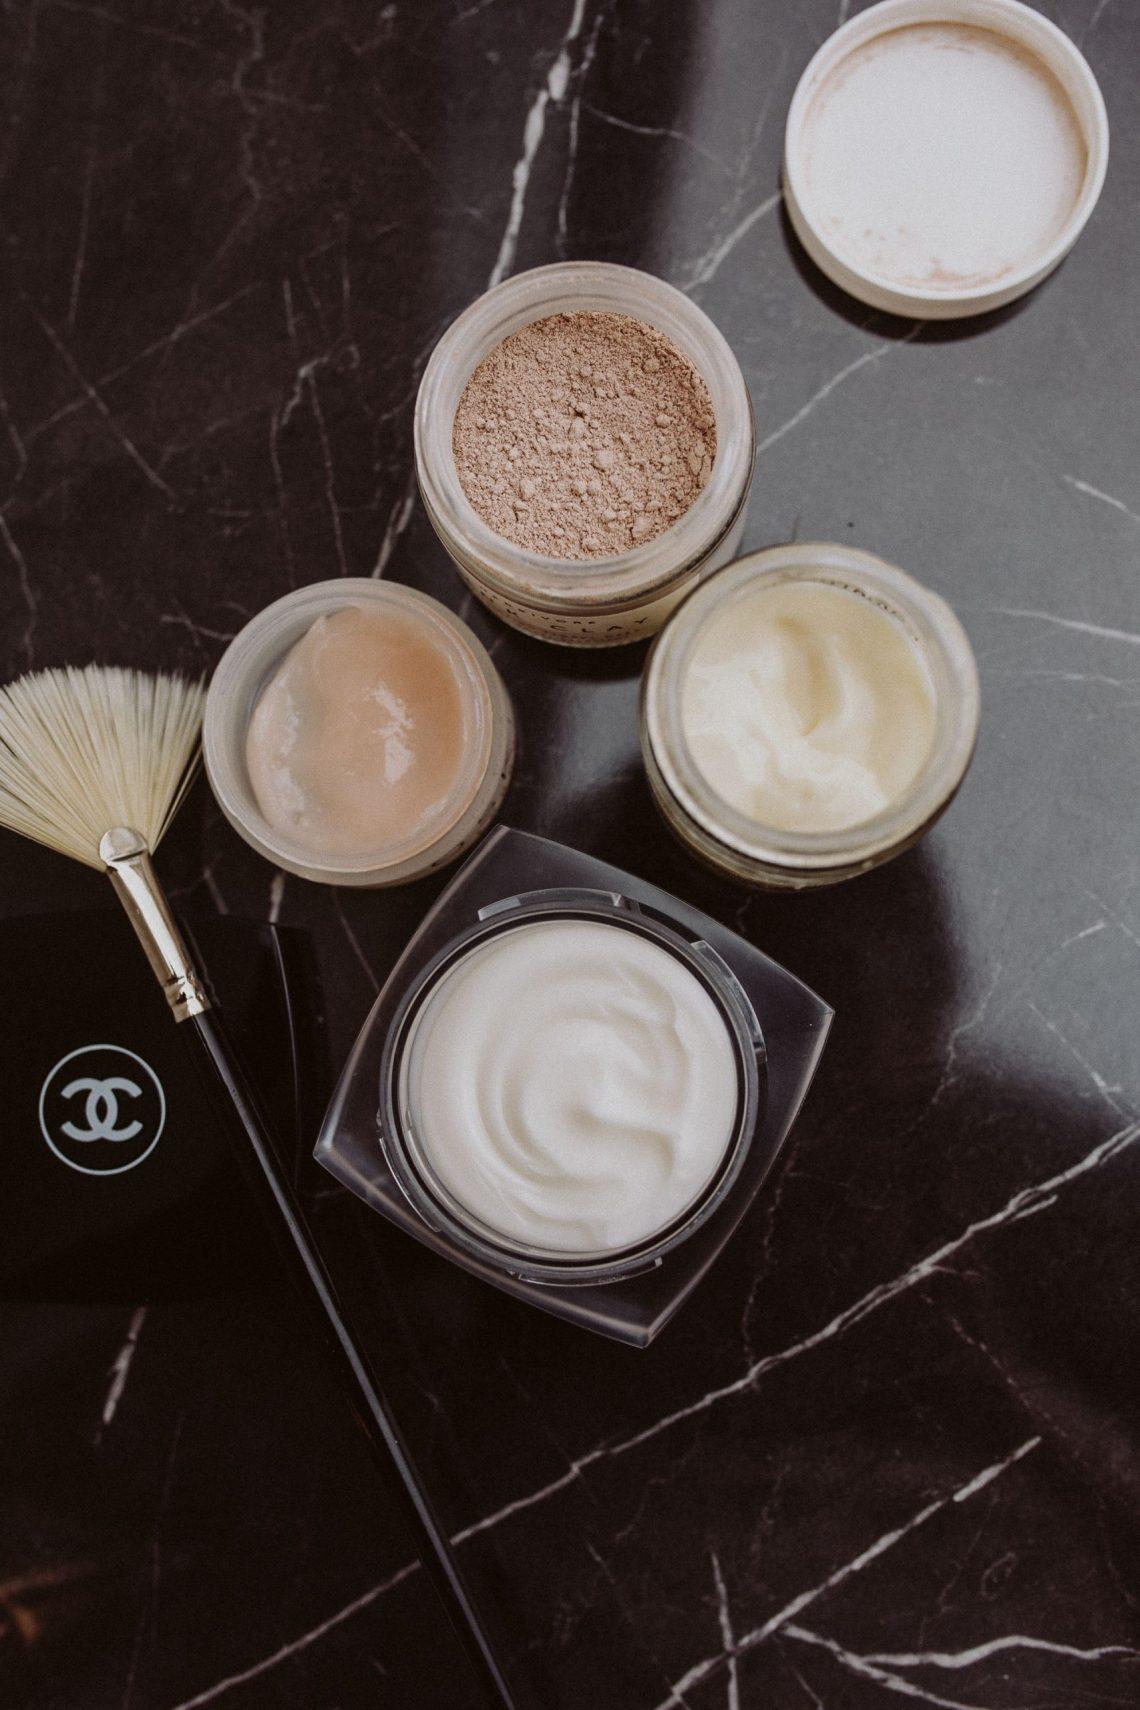 Gesichtsmasken: Das sind unsere Favoriten